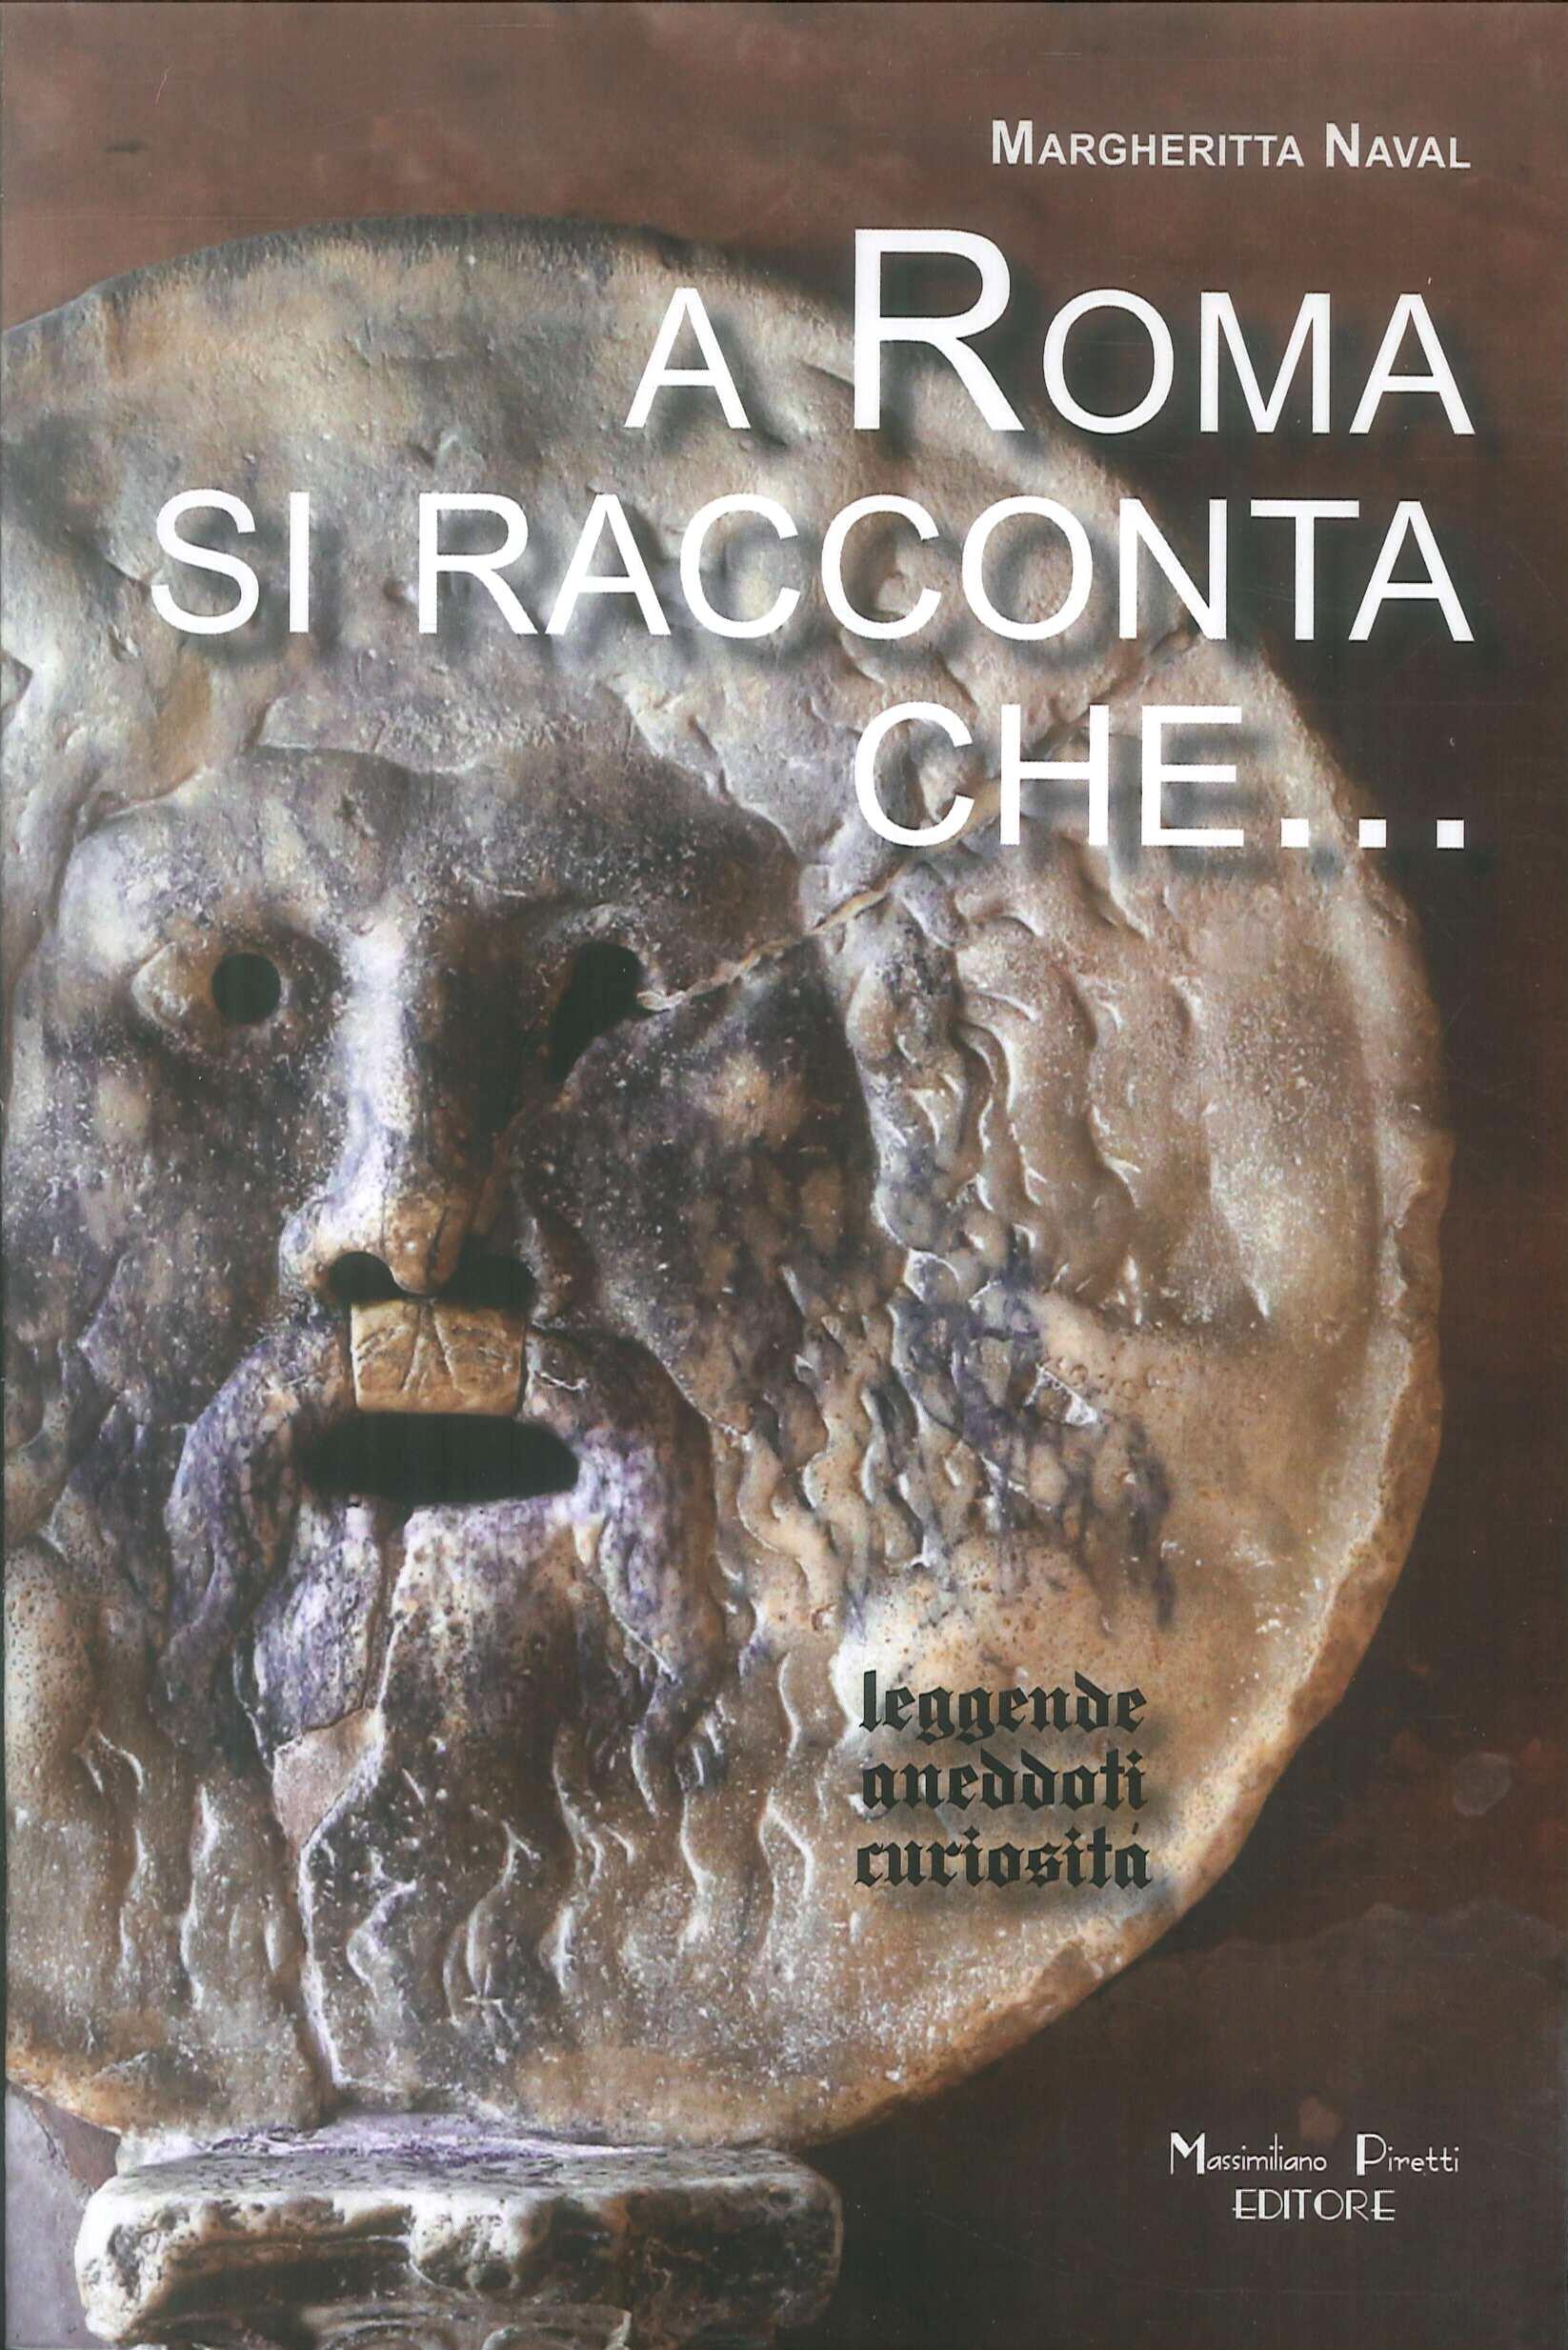 A Roma si racconta che... Leggende, aneddoti, curiosità